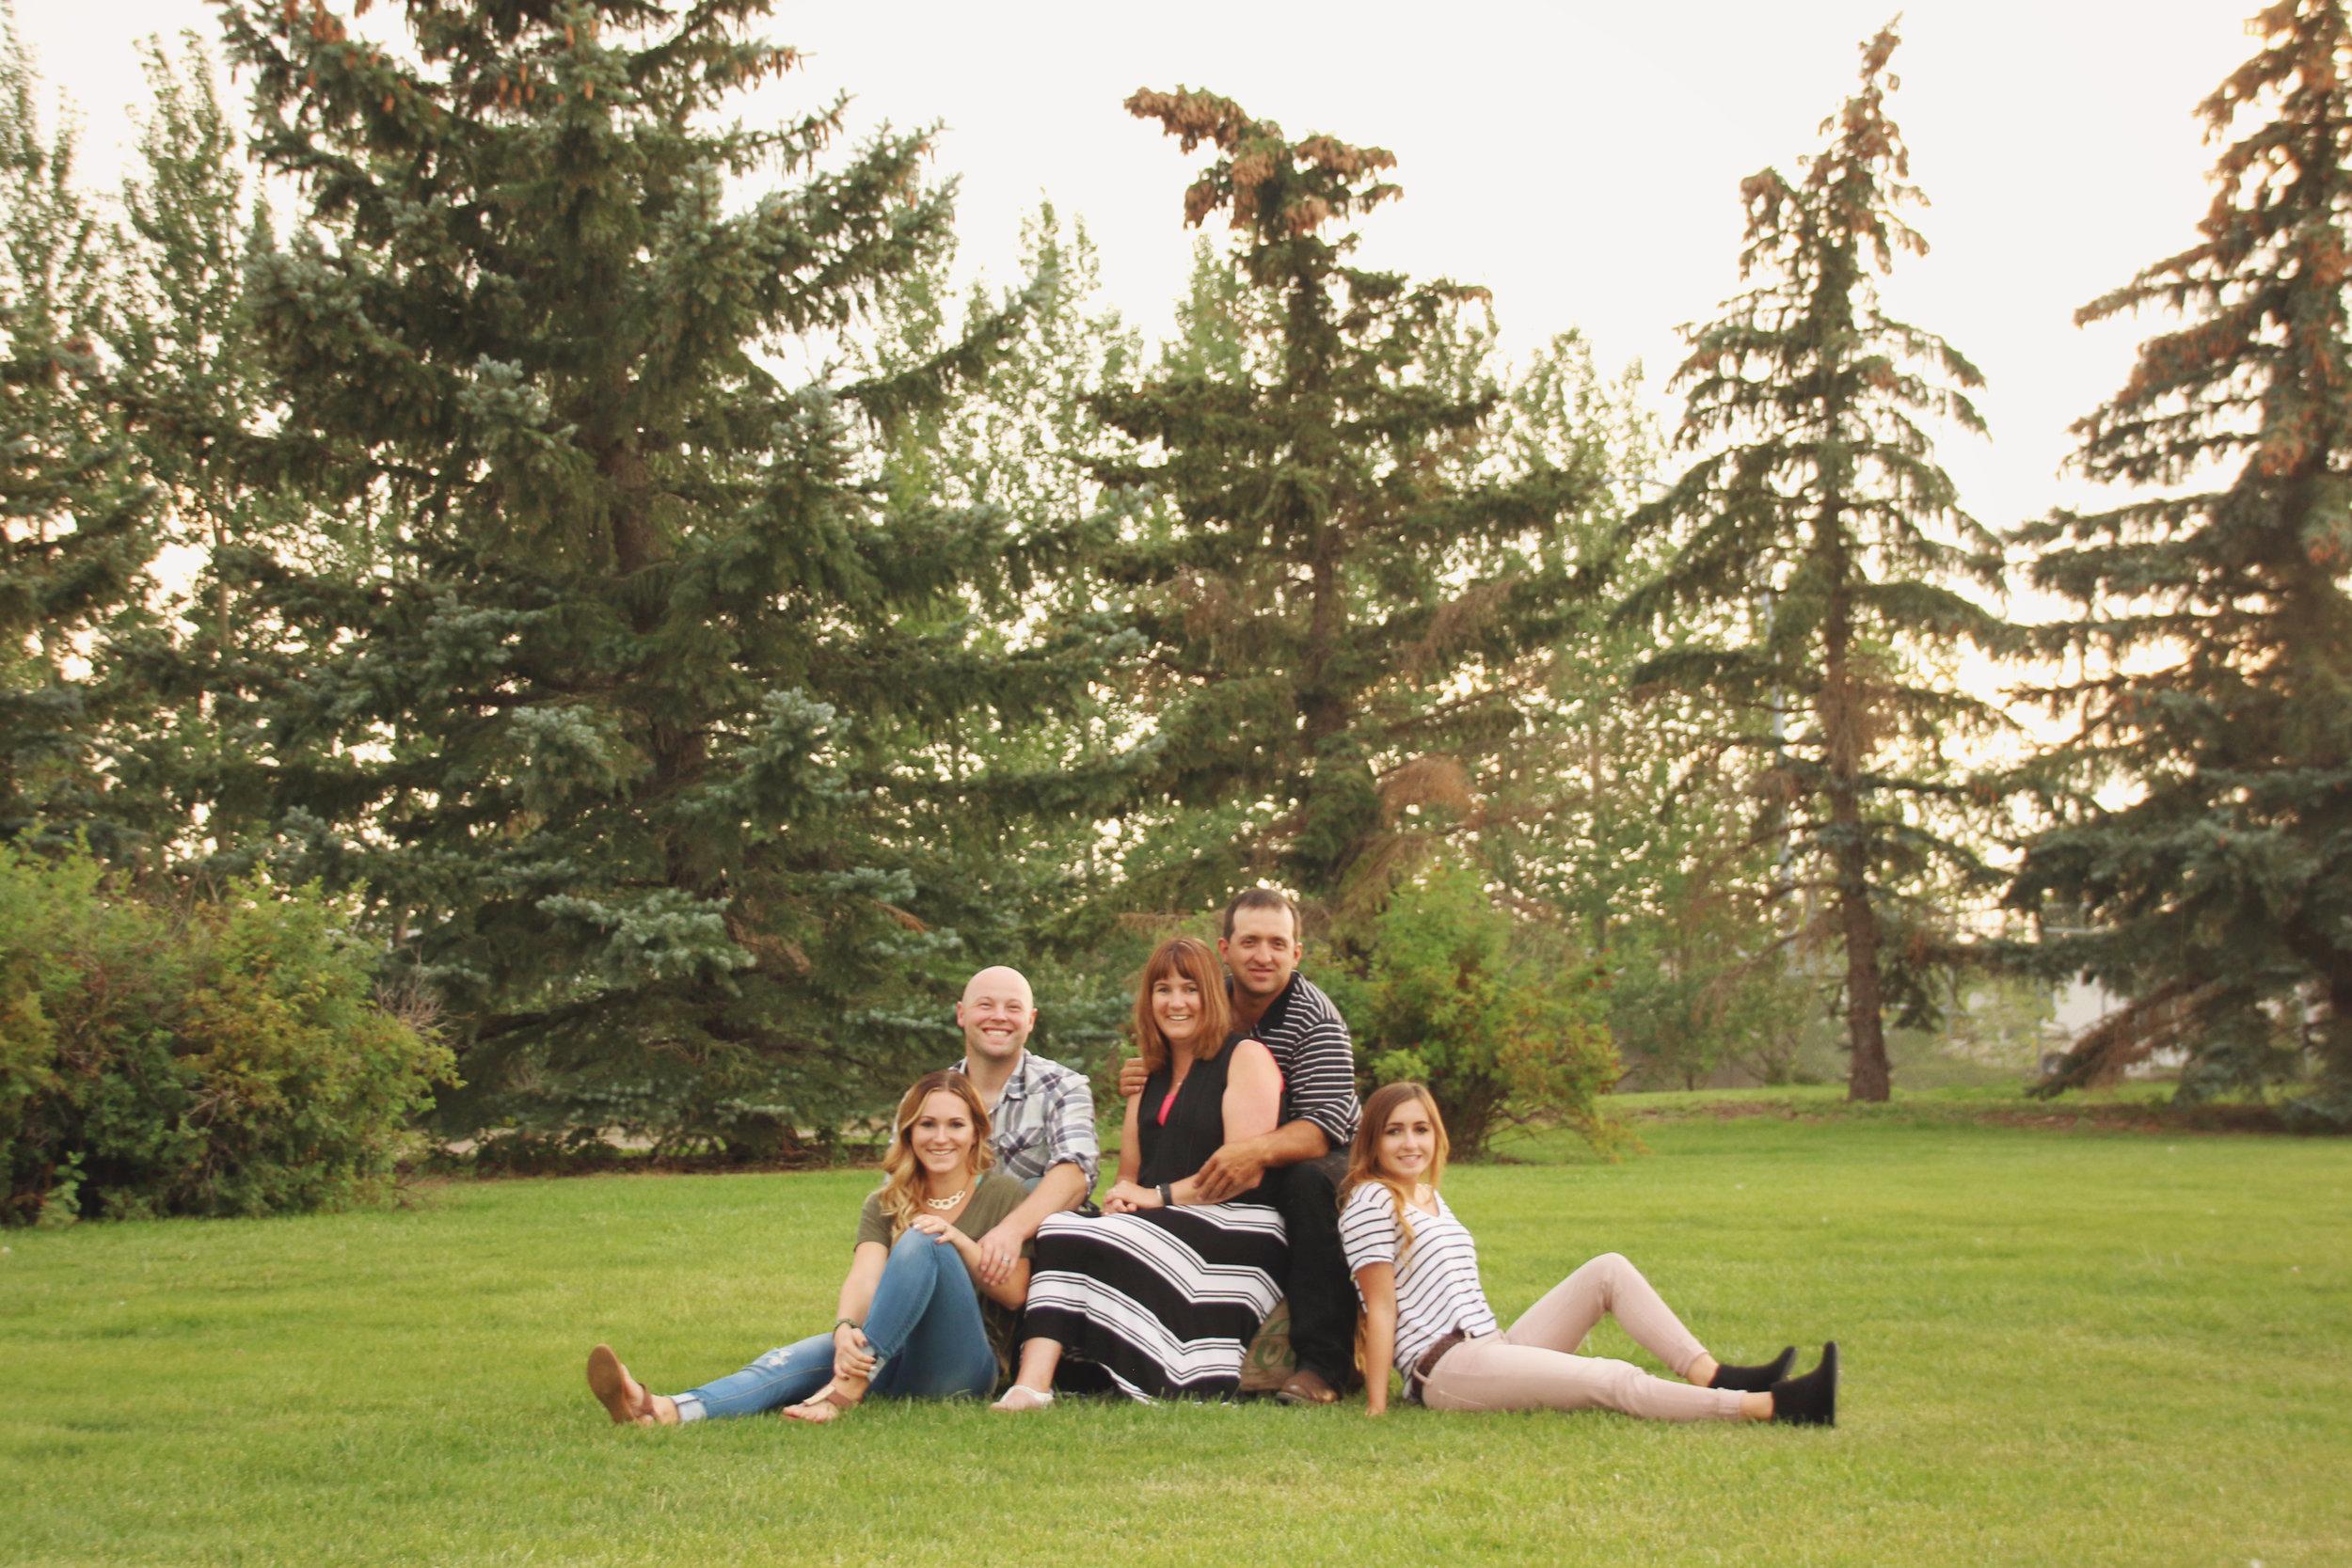 Chrapko_Family32.jpg